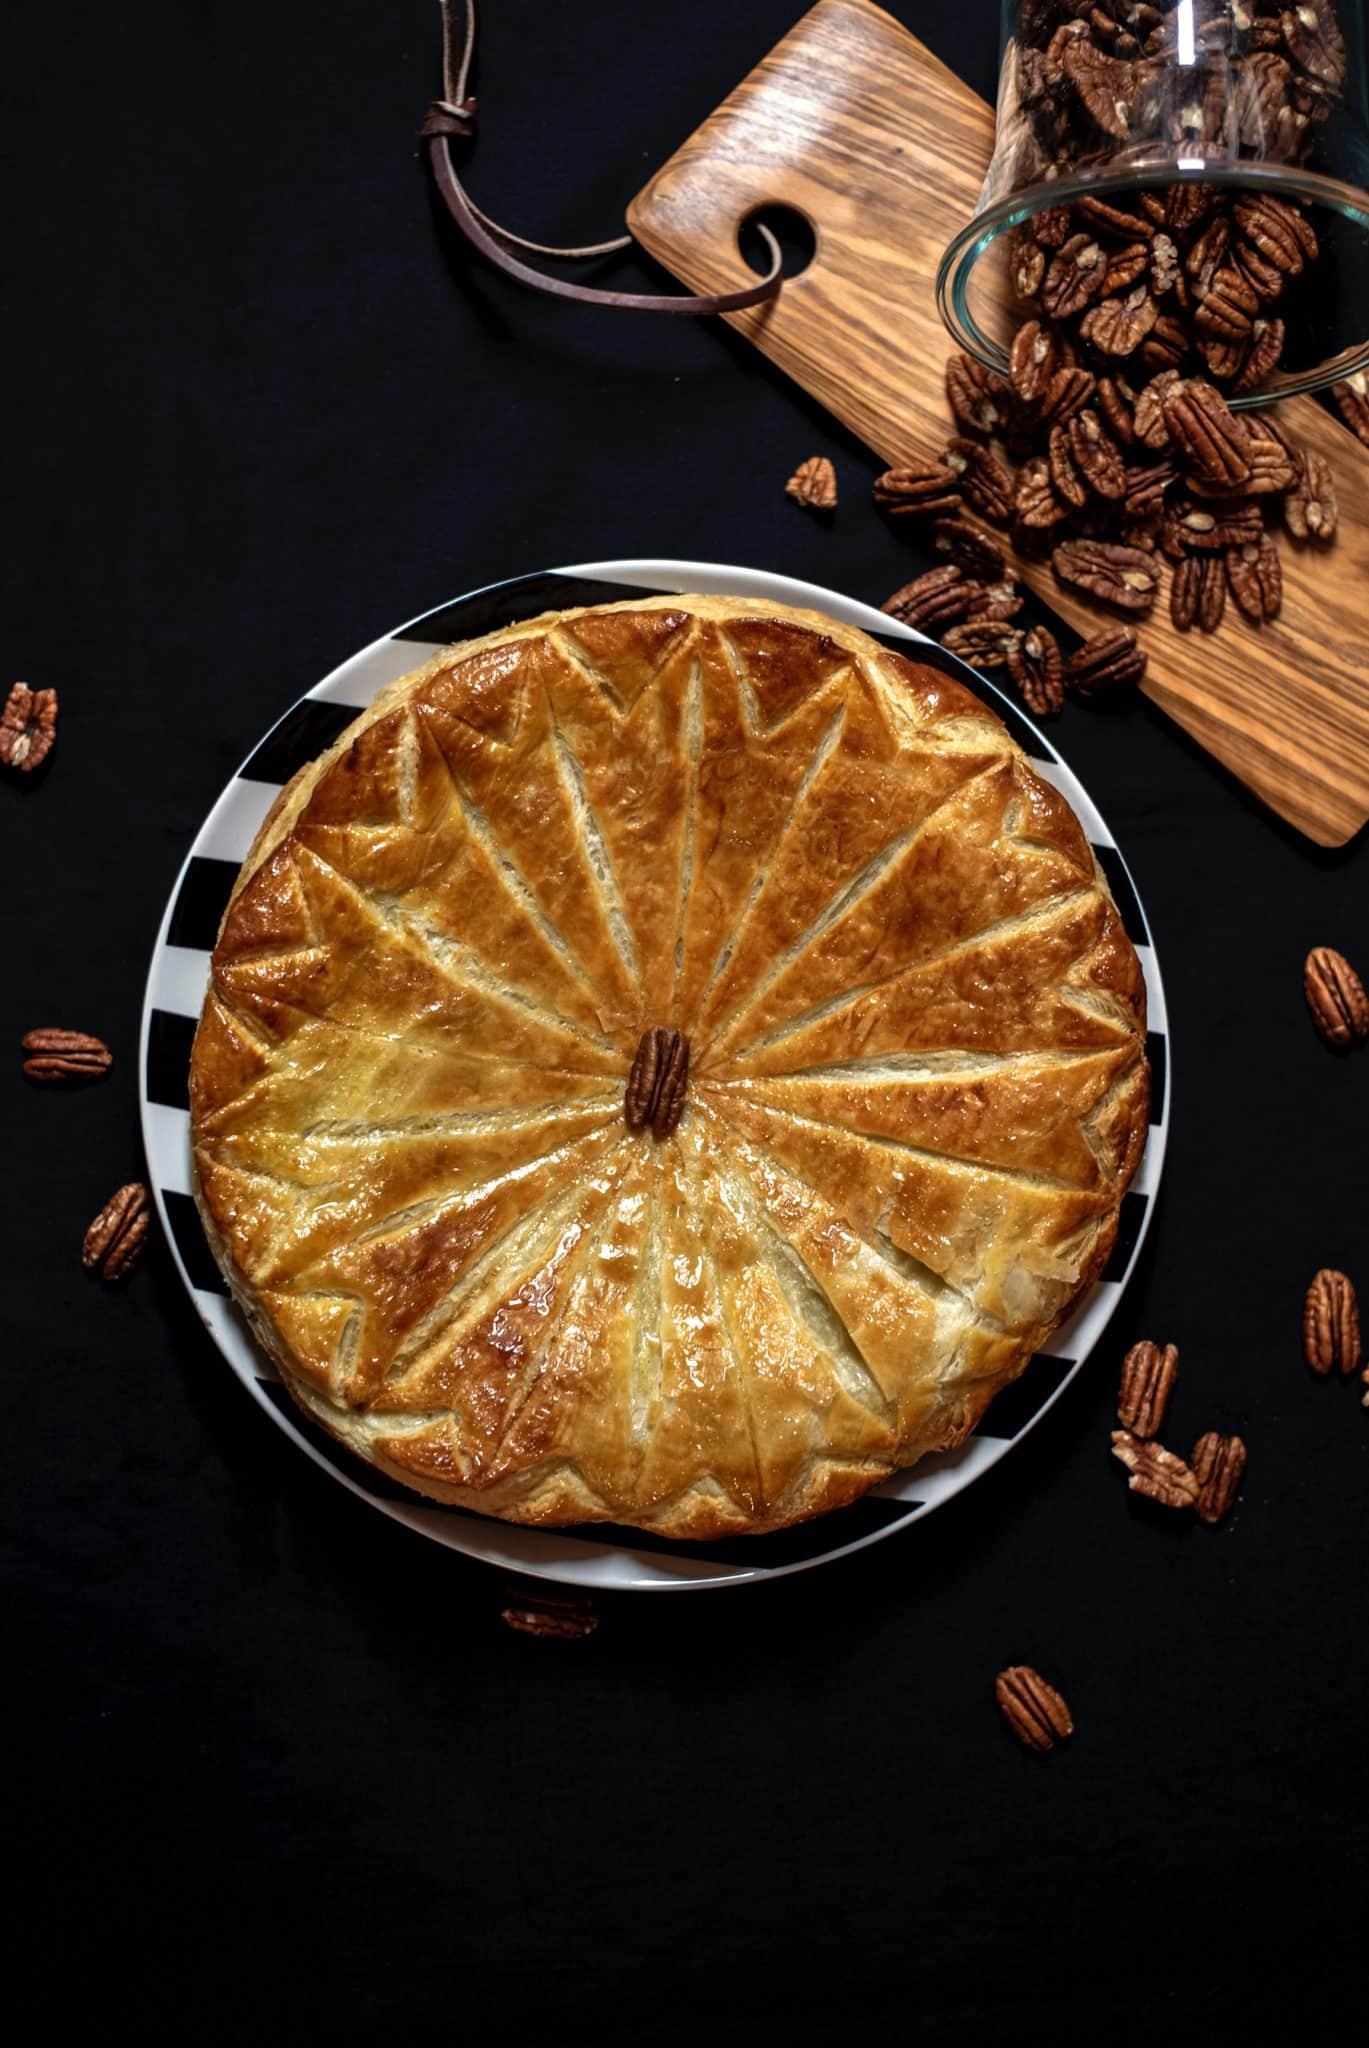 Comida típica y gastronomía tradicional de Armenia